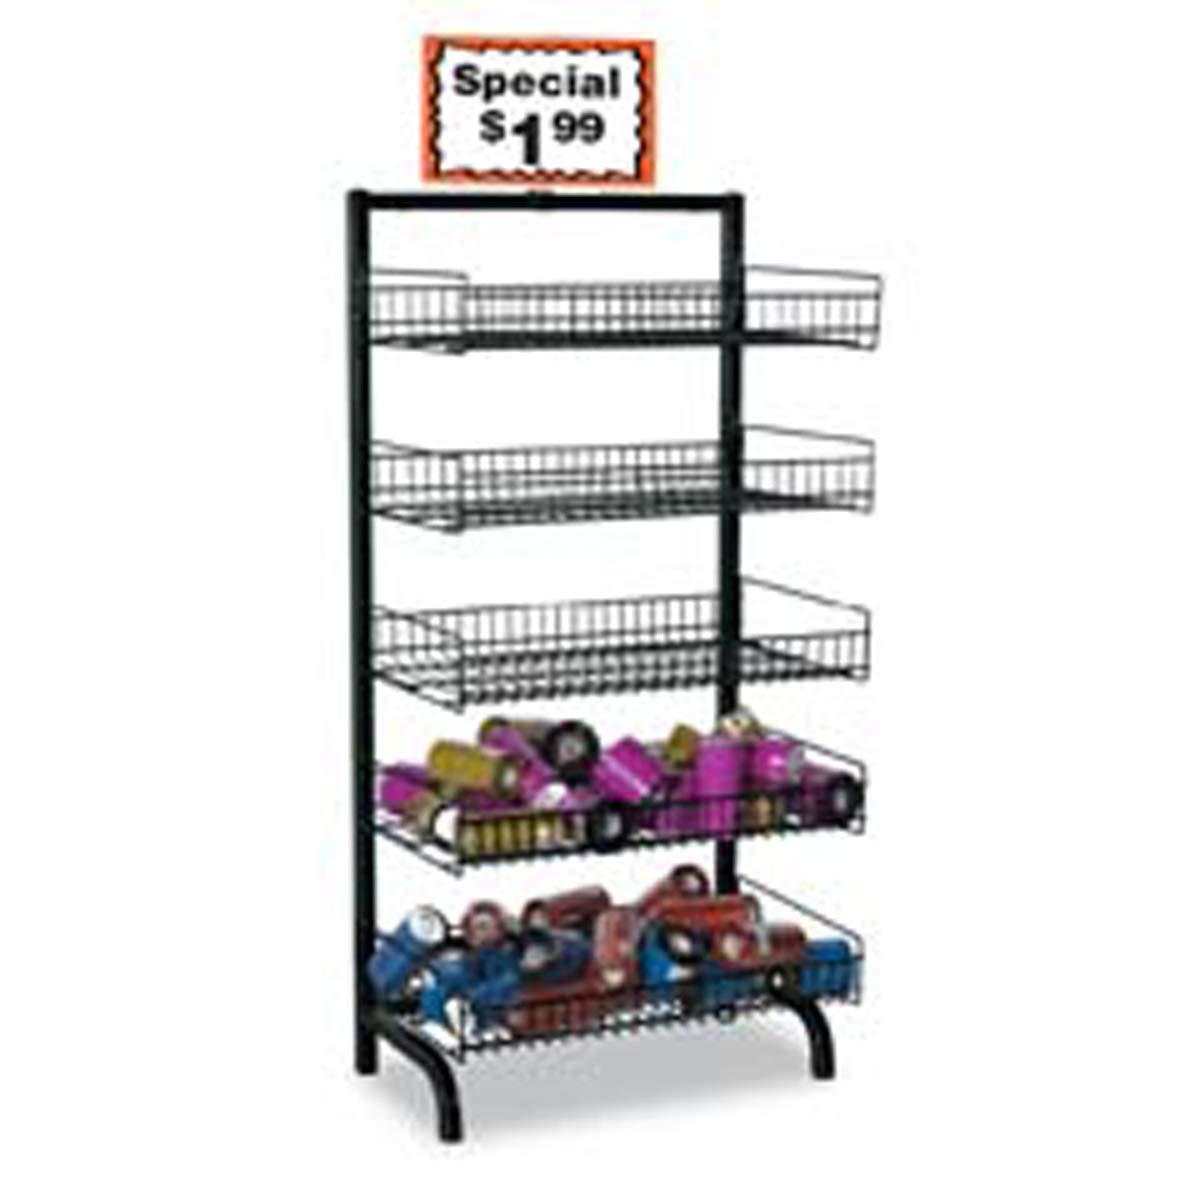 5 Tier Wire Dump Bin Basket Stand Retail Merchandise Display Multi-level New